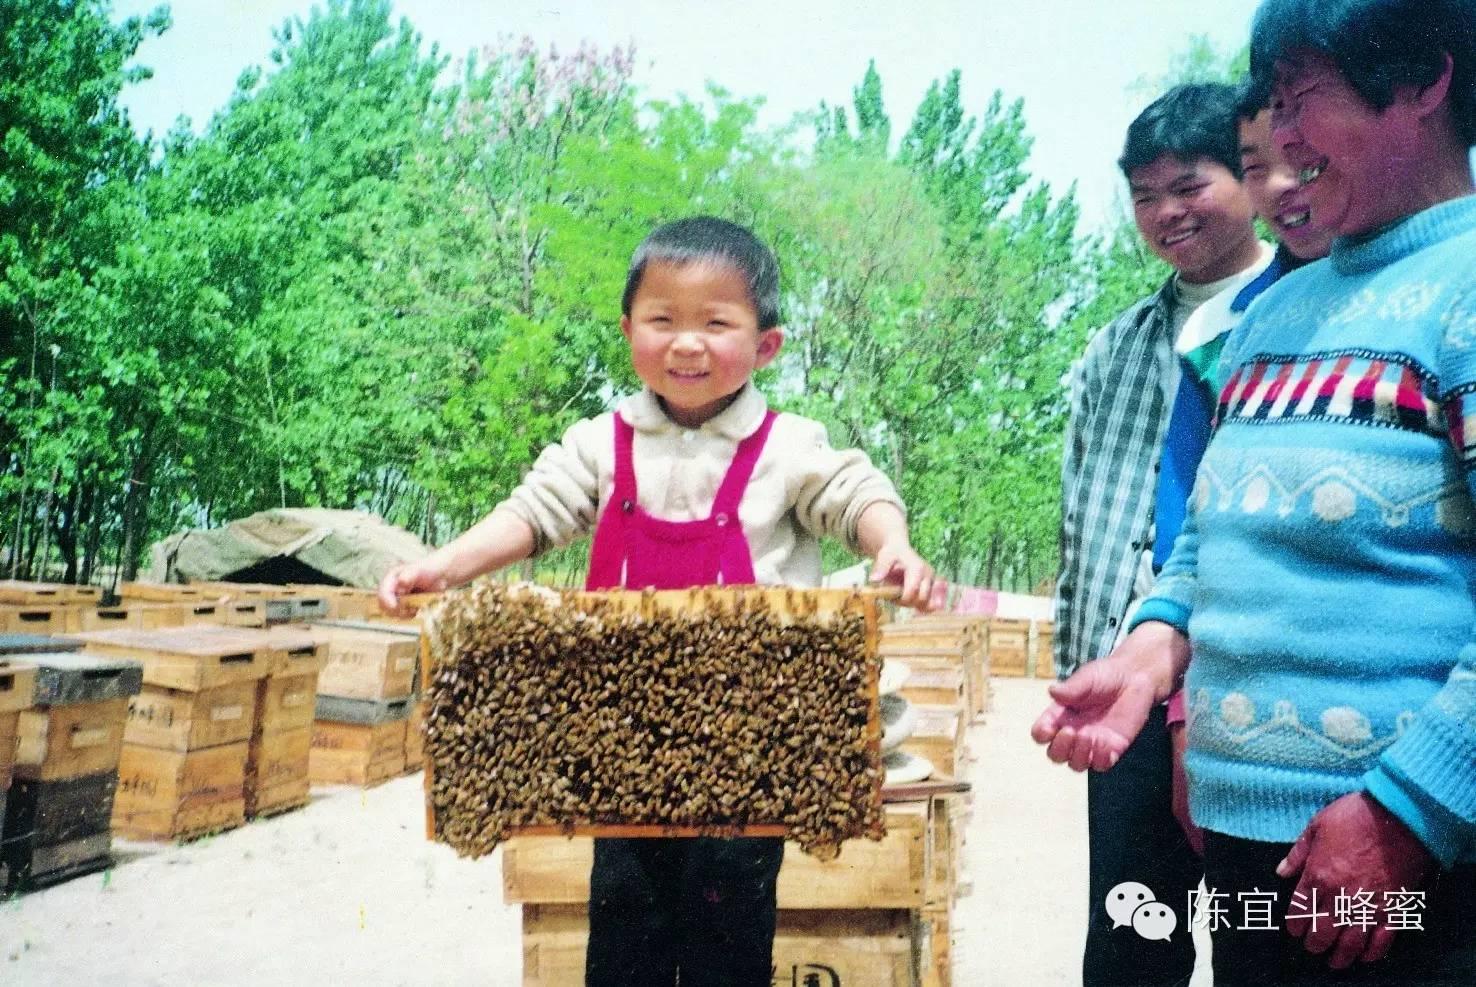 蜂蜜加盟 玫瑰蜂蜜茶 工艺流程 澳洲蜂蜜 野生土蜂蜜